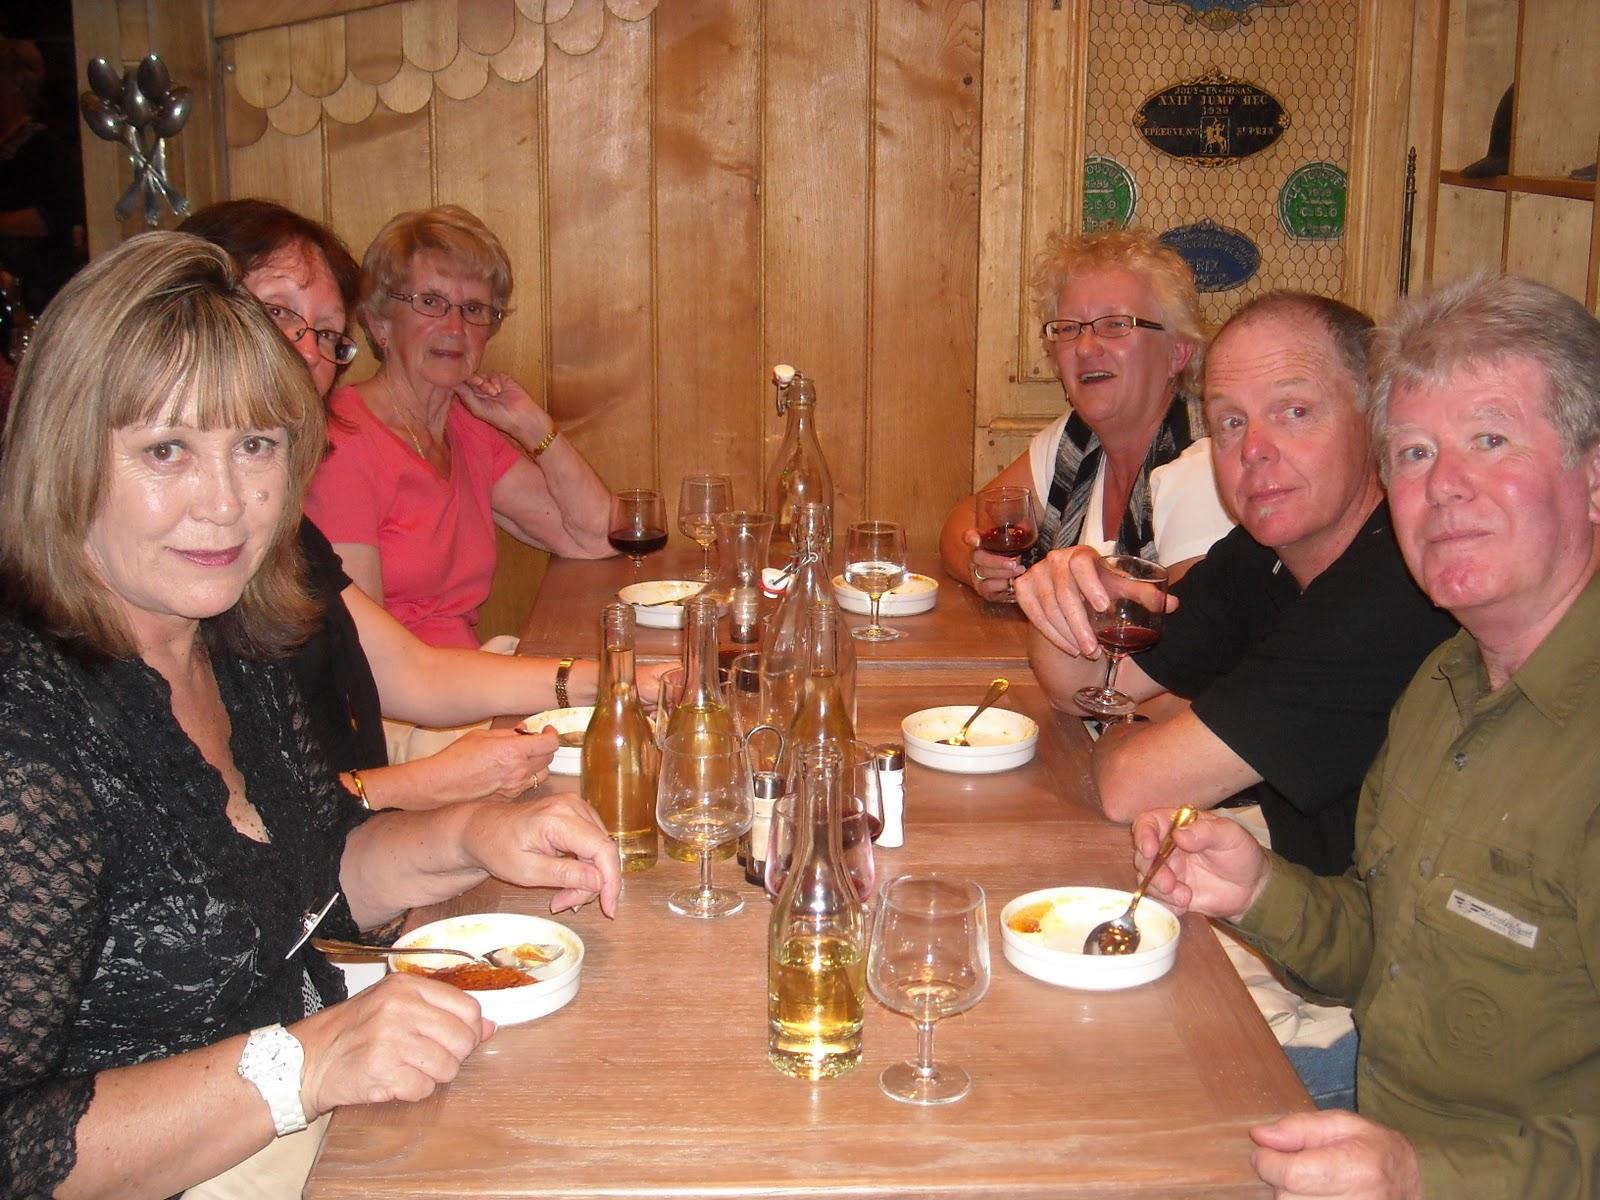 http://3.bp.blogspot.com/_rQiOPp3Zcdw/TTe6AjMGtdI/AAAAAAAAAxY/tFNlqQBabus/s1600/Ireland+-Edinburgh+2010+908.jpg